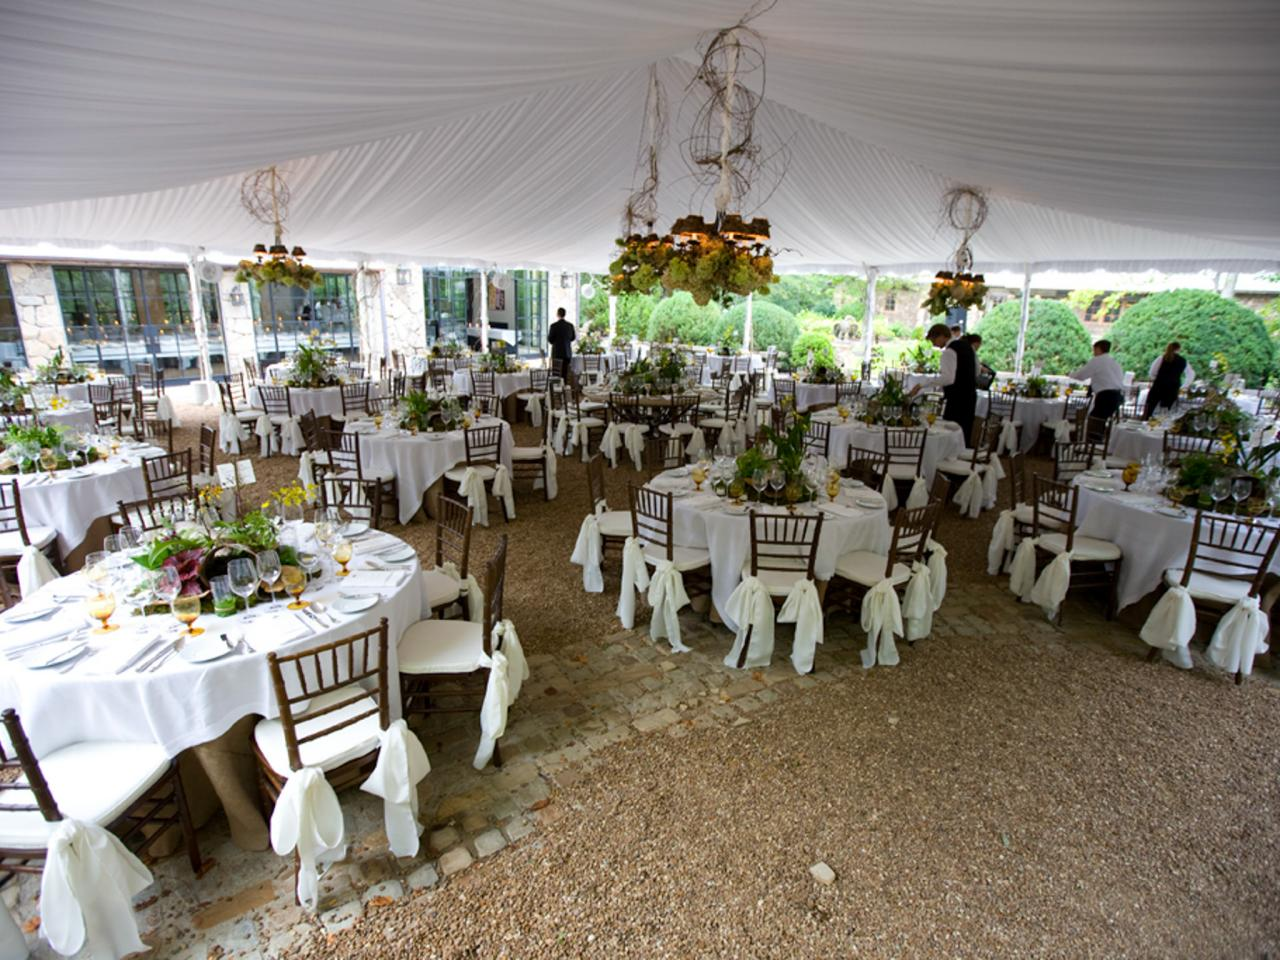 #332B1B Table Centre Decorations Images. Rockabilly Themed Wedding  6561 decoration table de noel maison du monde 1280x960 px @ aertt.com